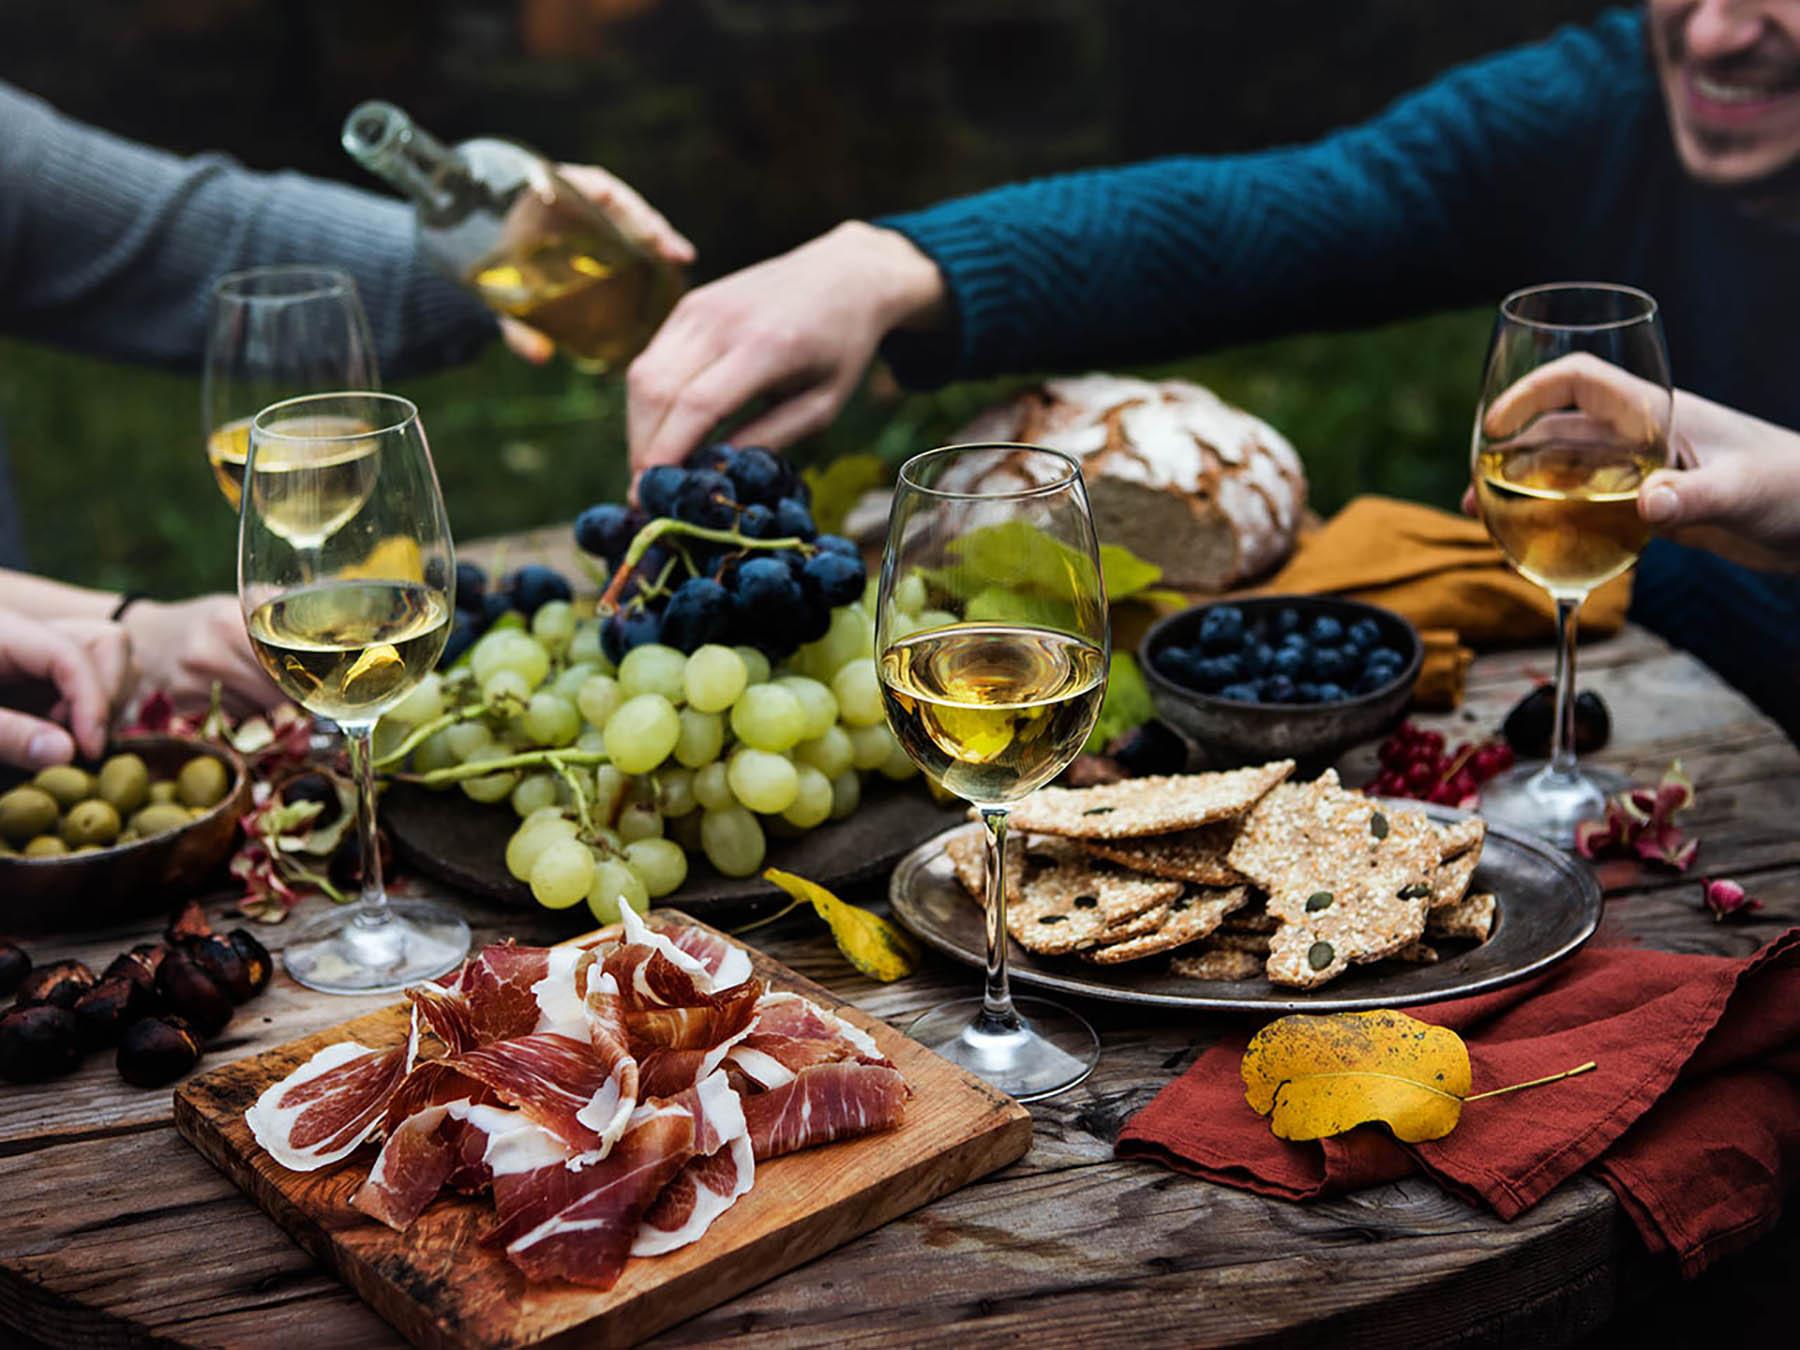 Essen Und Trinken In Kroatien | Kroati.de √ bei Essen Und Trinken Bilder